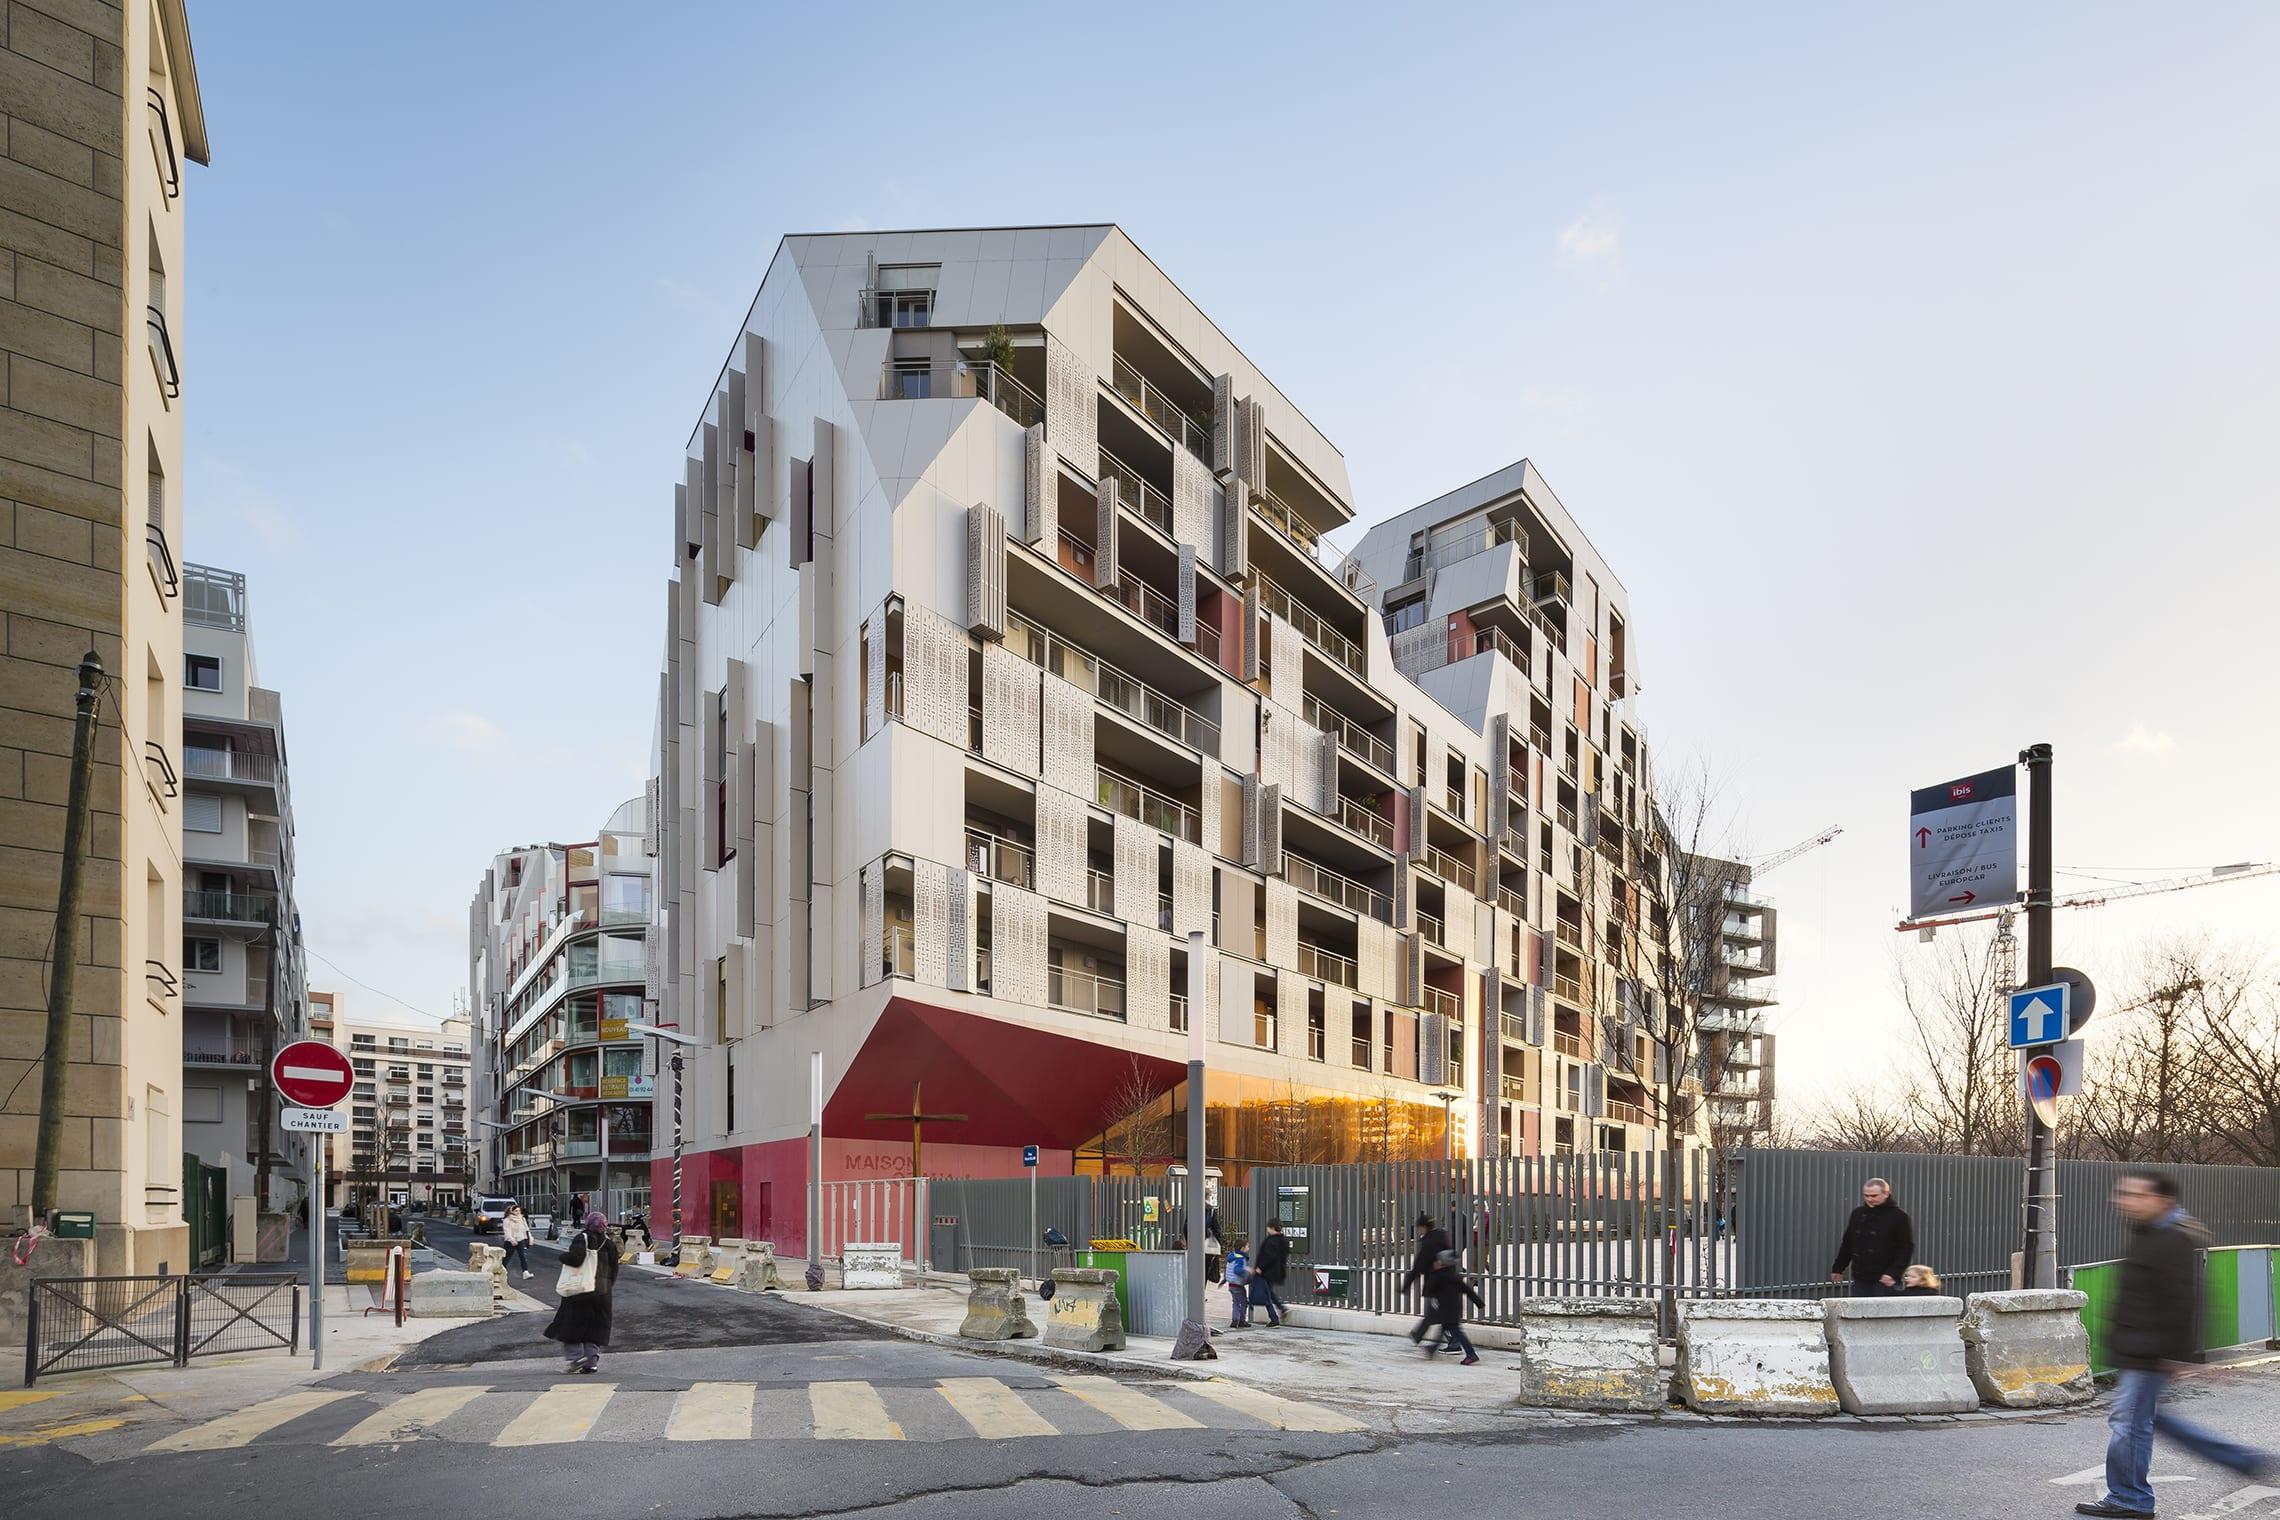 Maison Du Puzzle Paris jean bocabeille architecte, sergio grazia, frédéric delangle